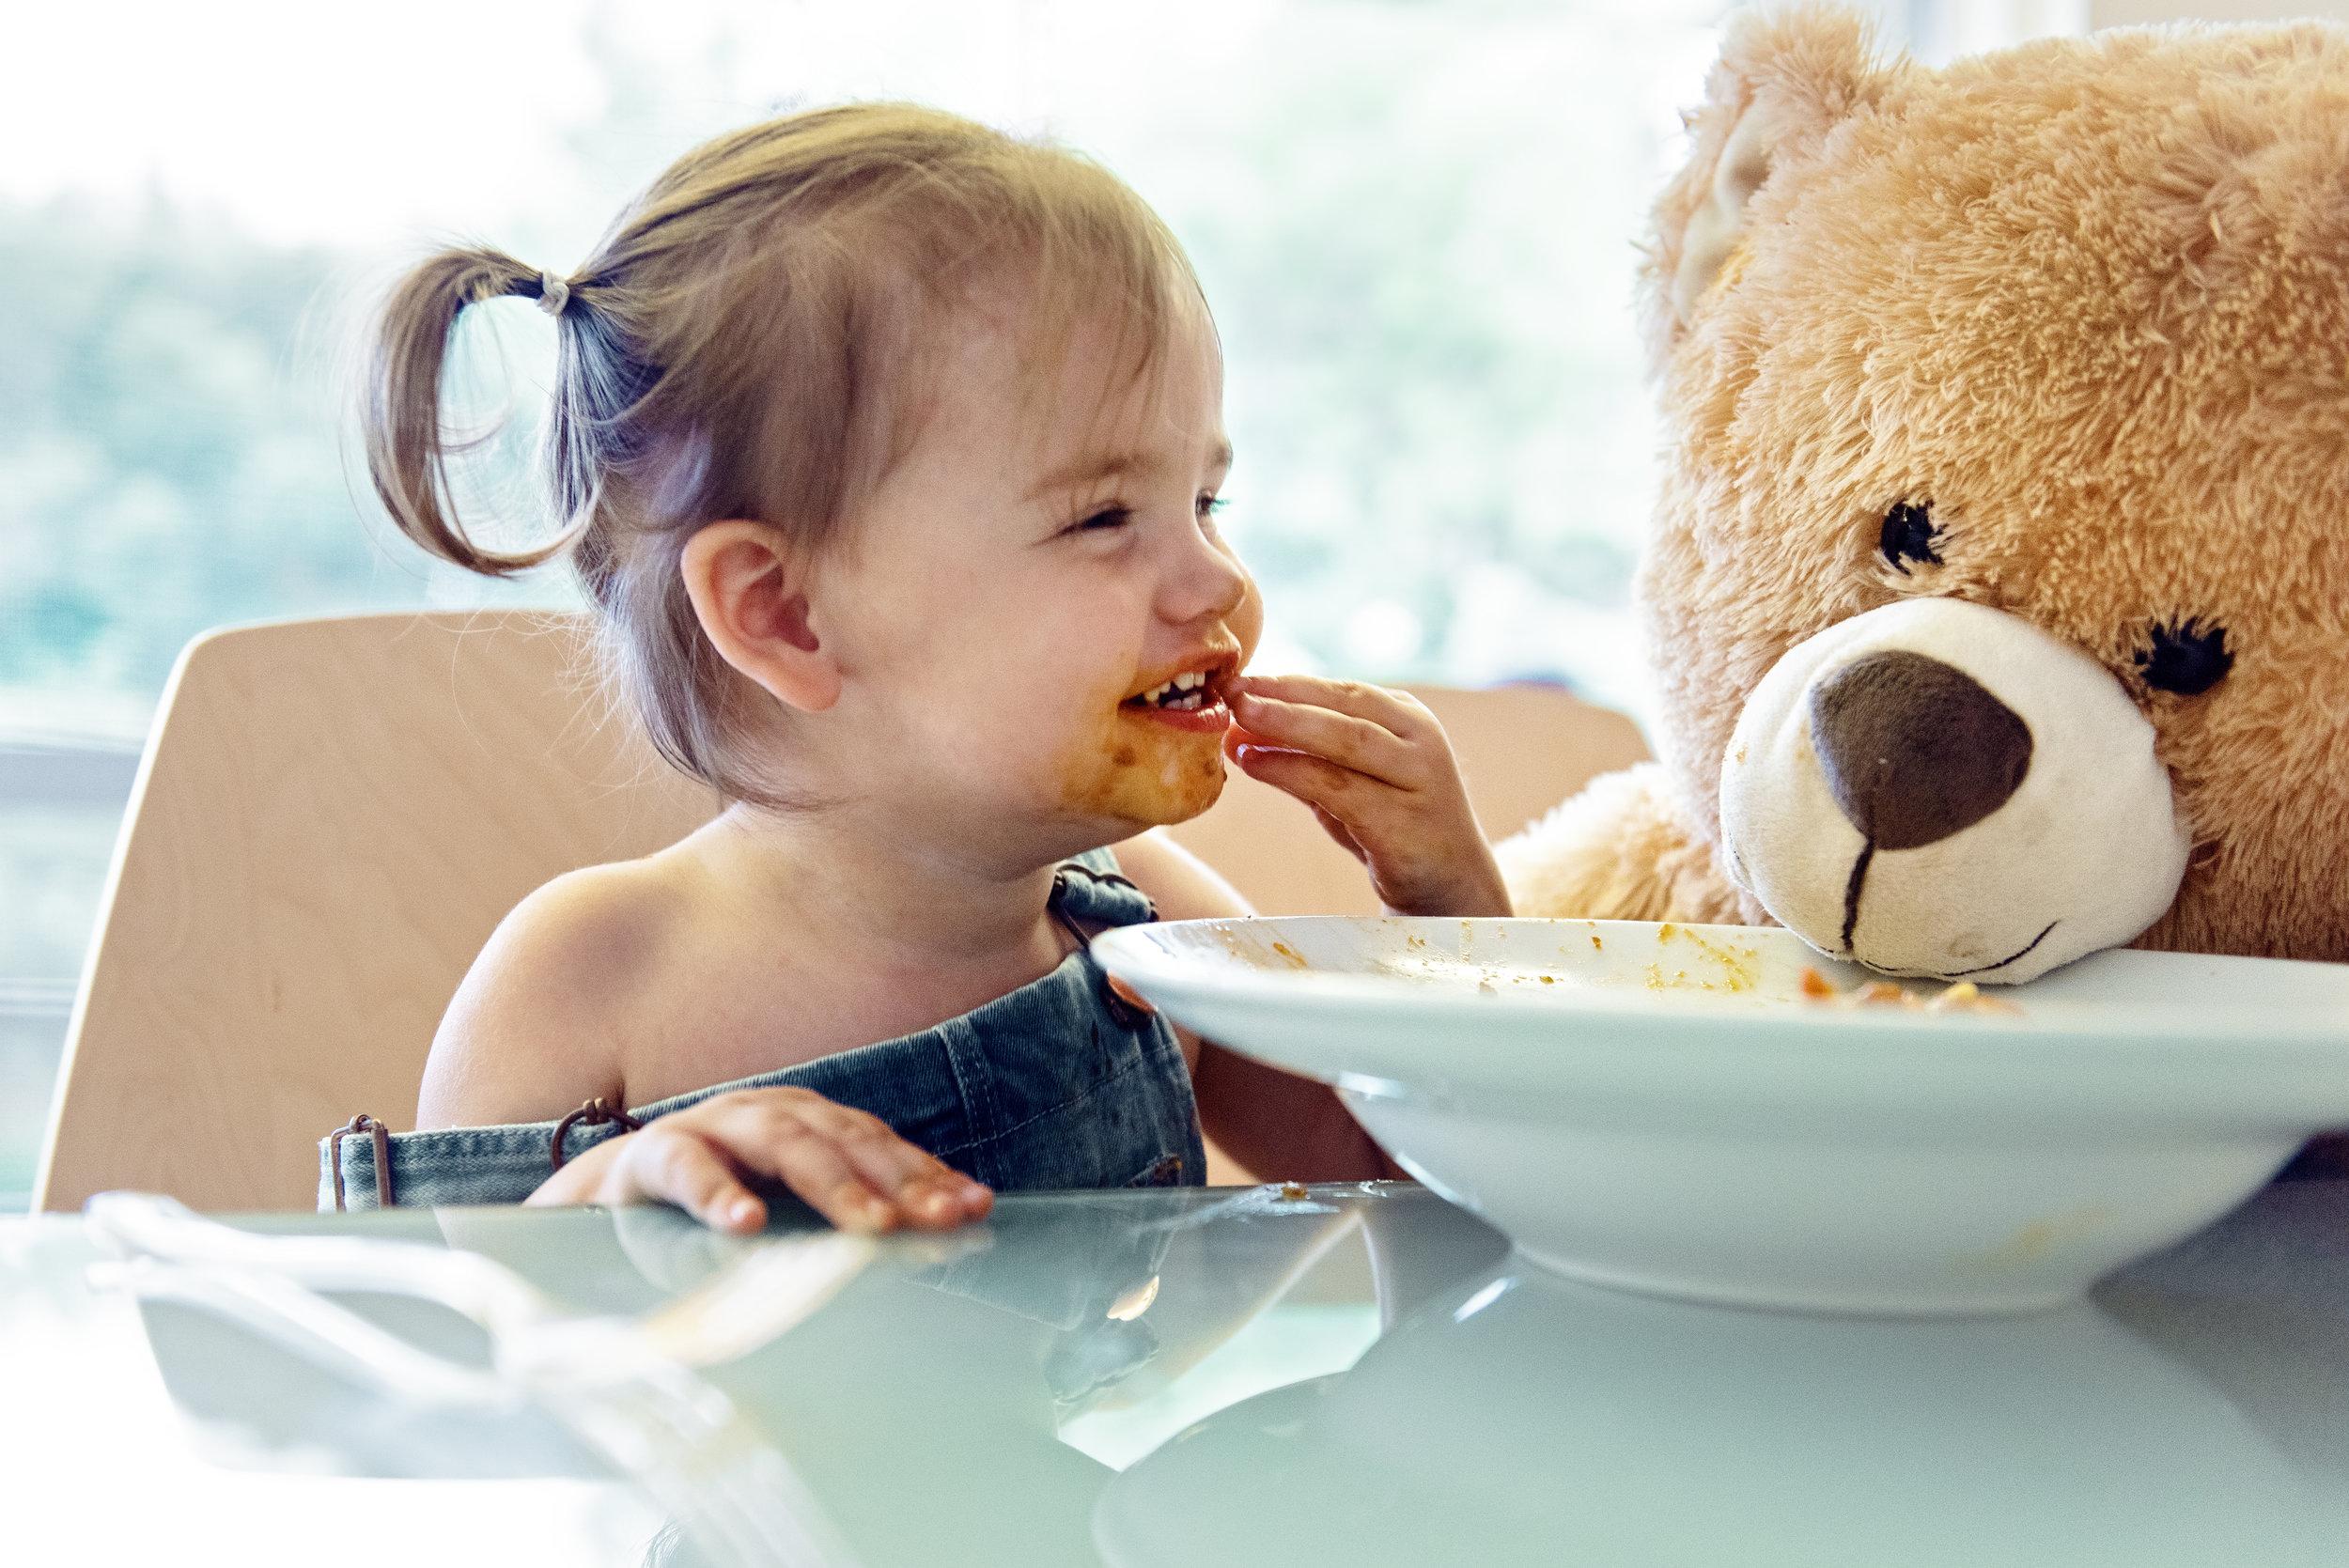 Tots Tastes homemade meals for children1.jpg